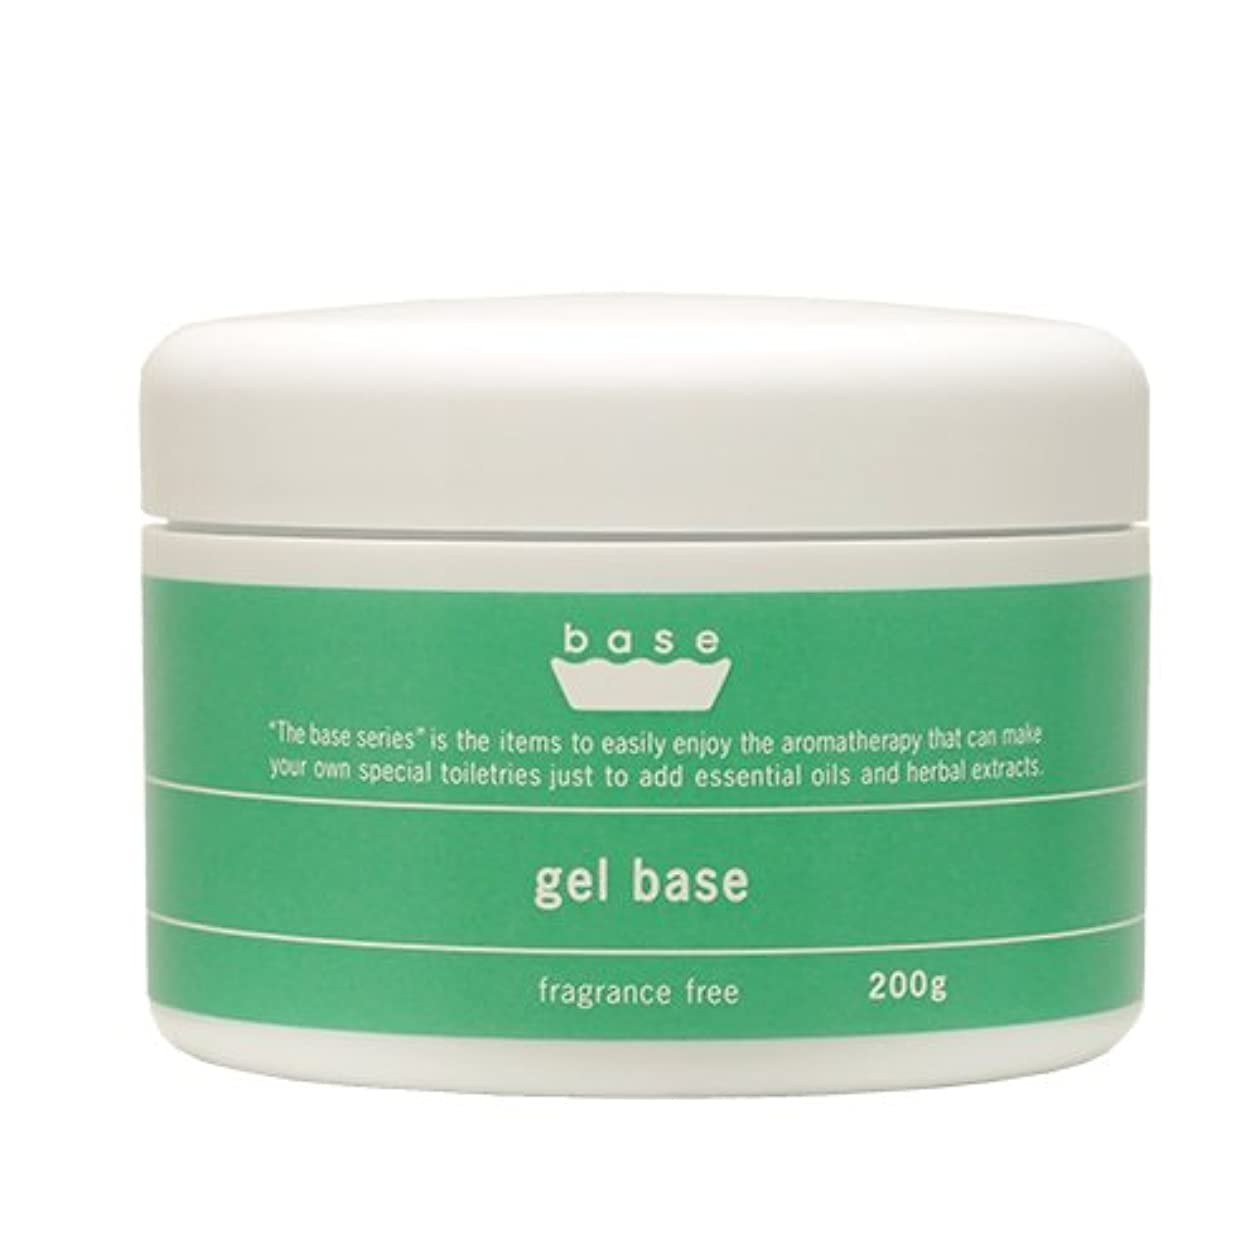 言及する引き潮国家base gel base(ジェルベース)200g